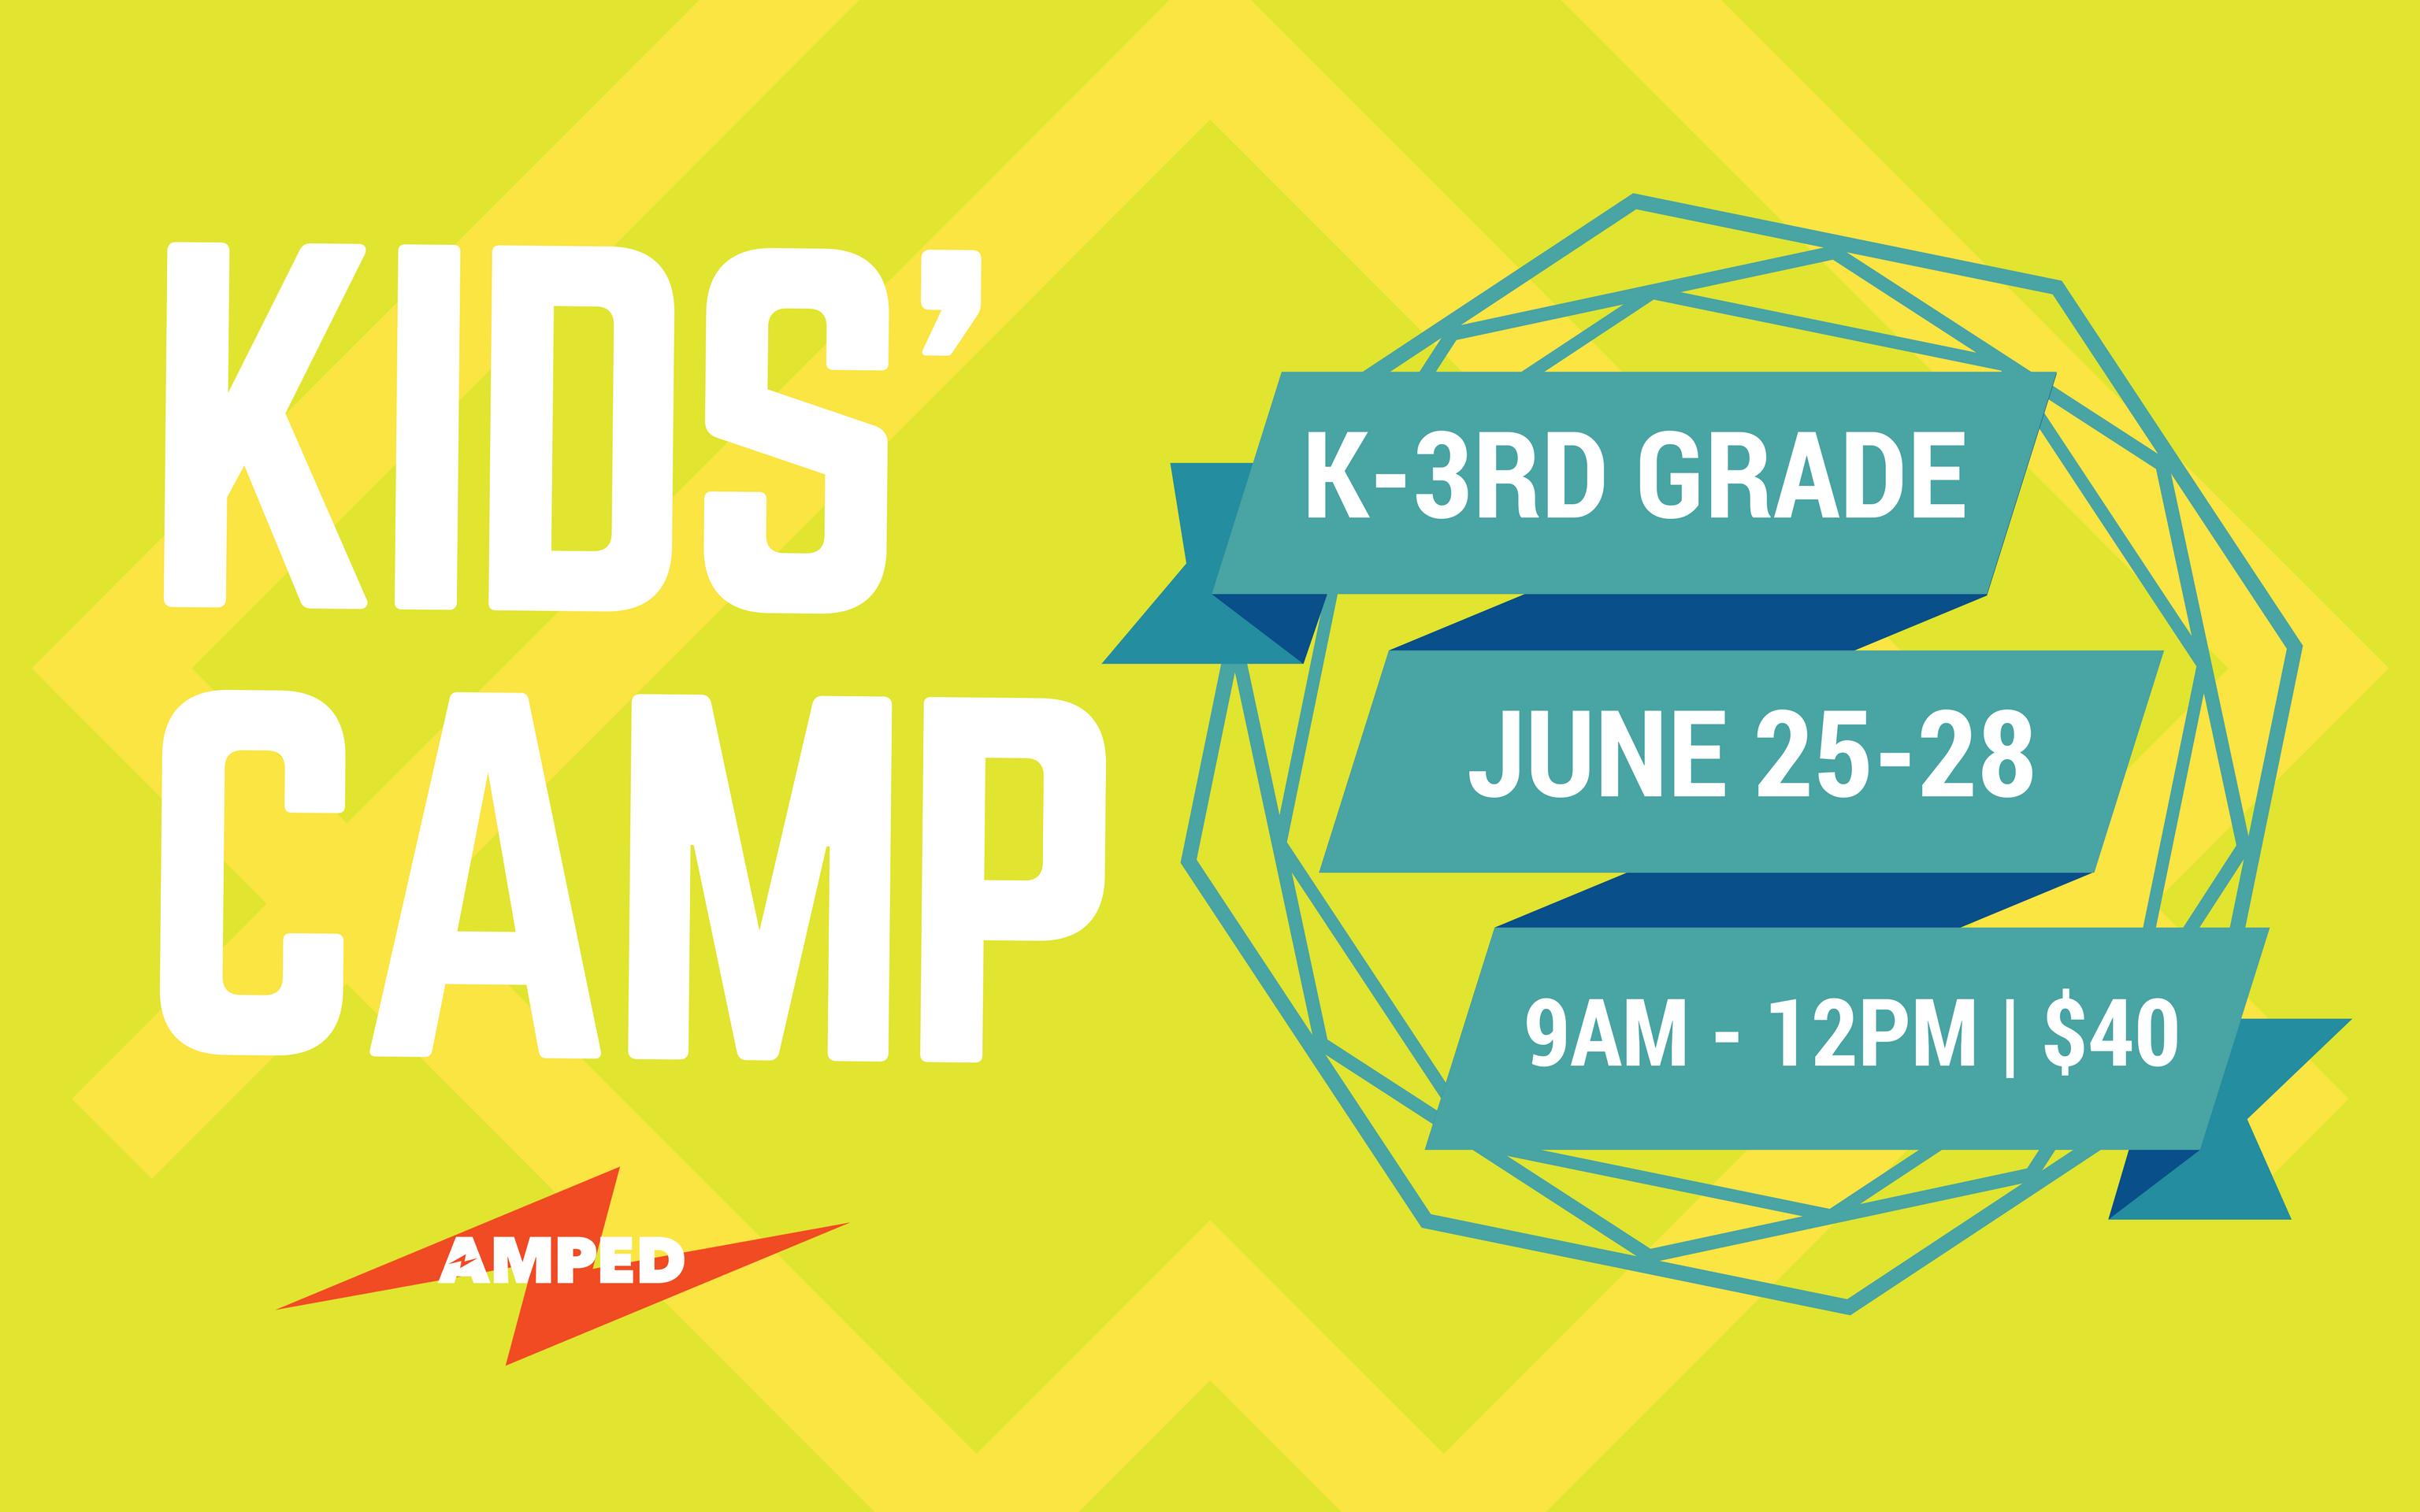 Kids camp paper